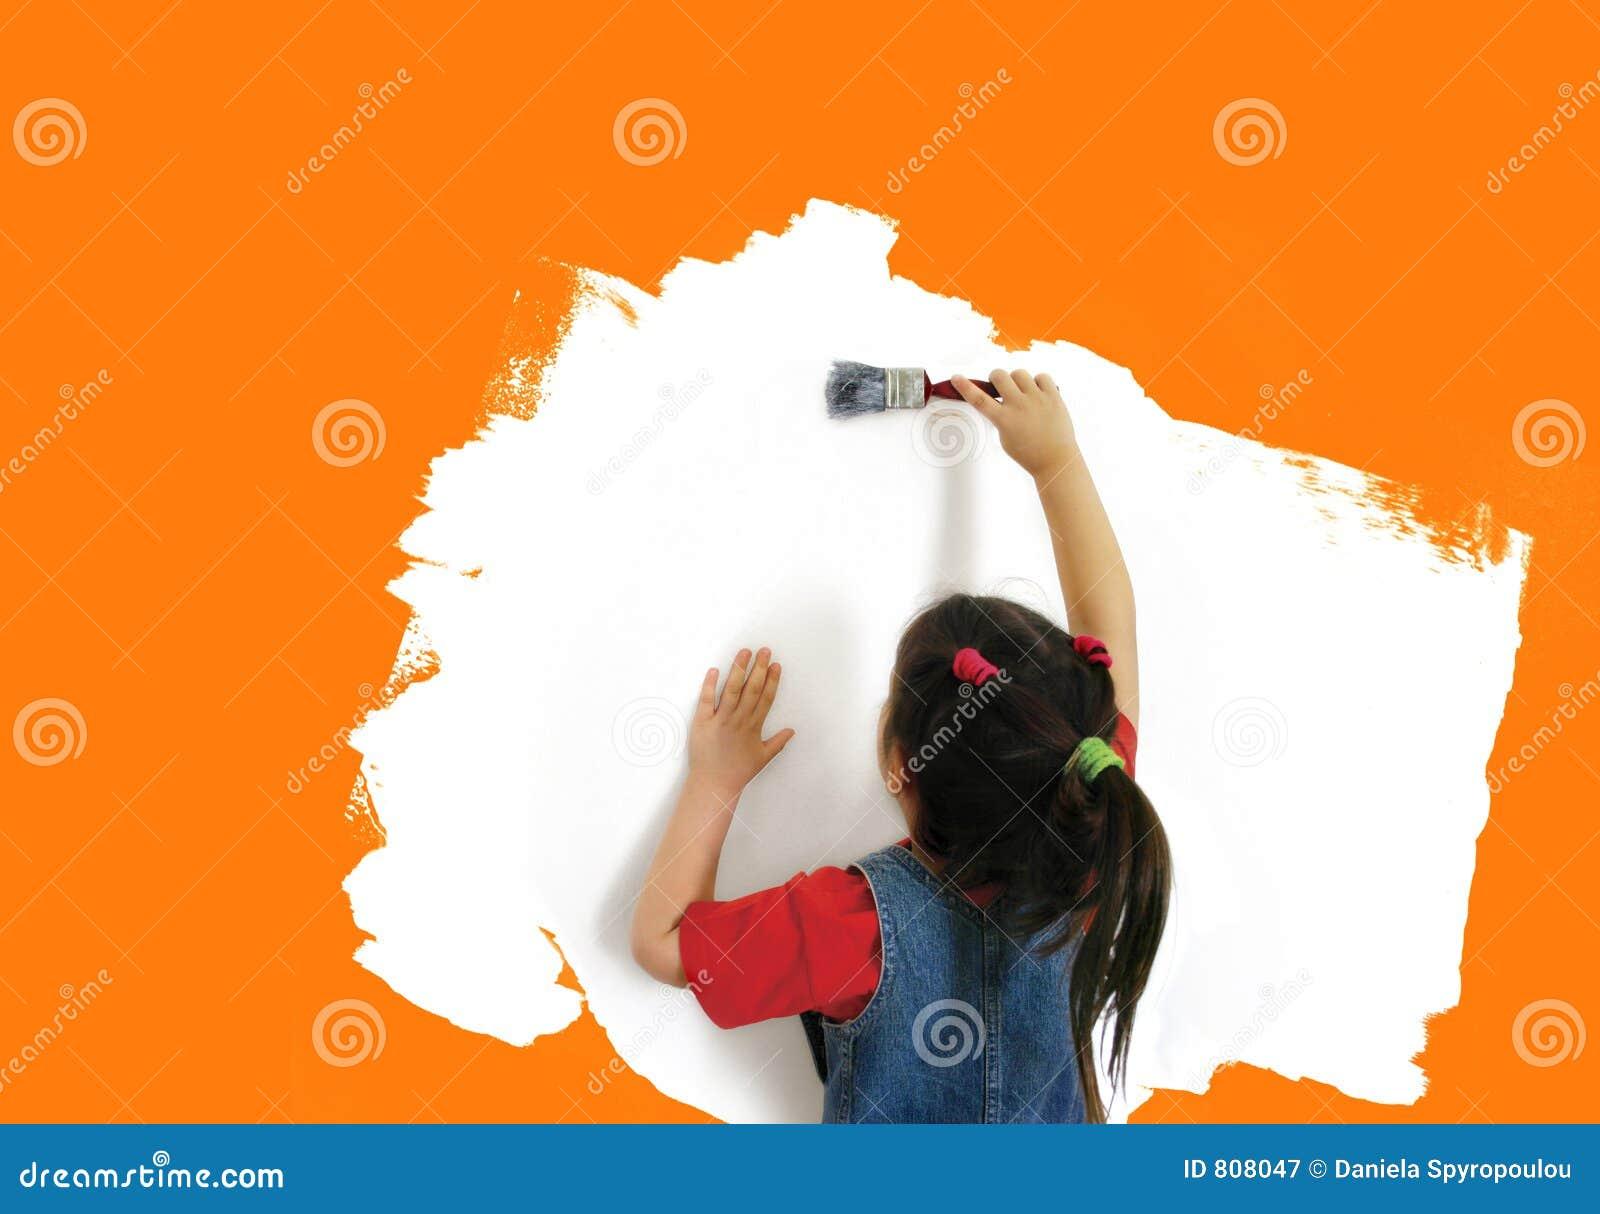 Ragazza che vernicia una parete